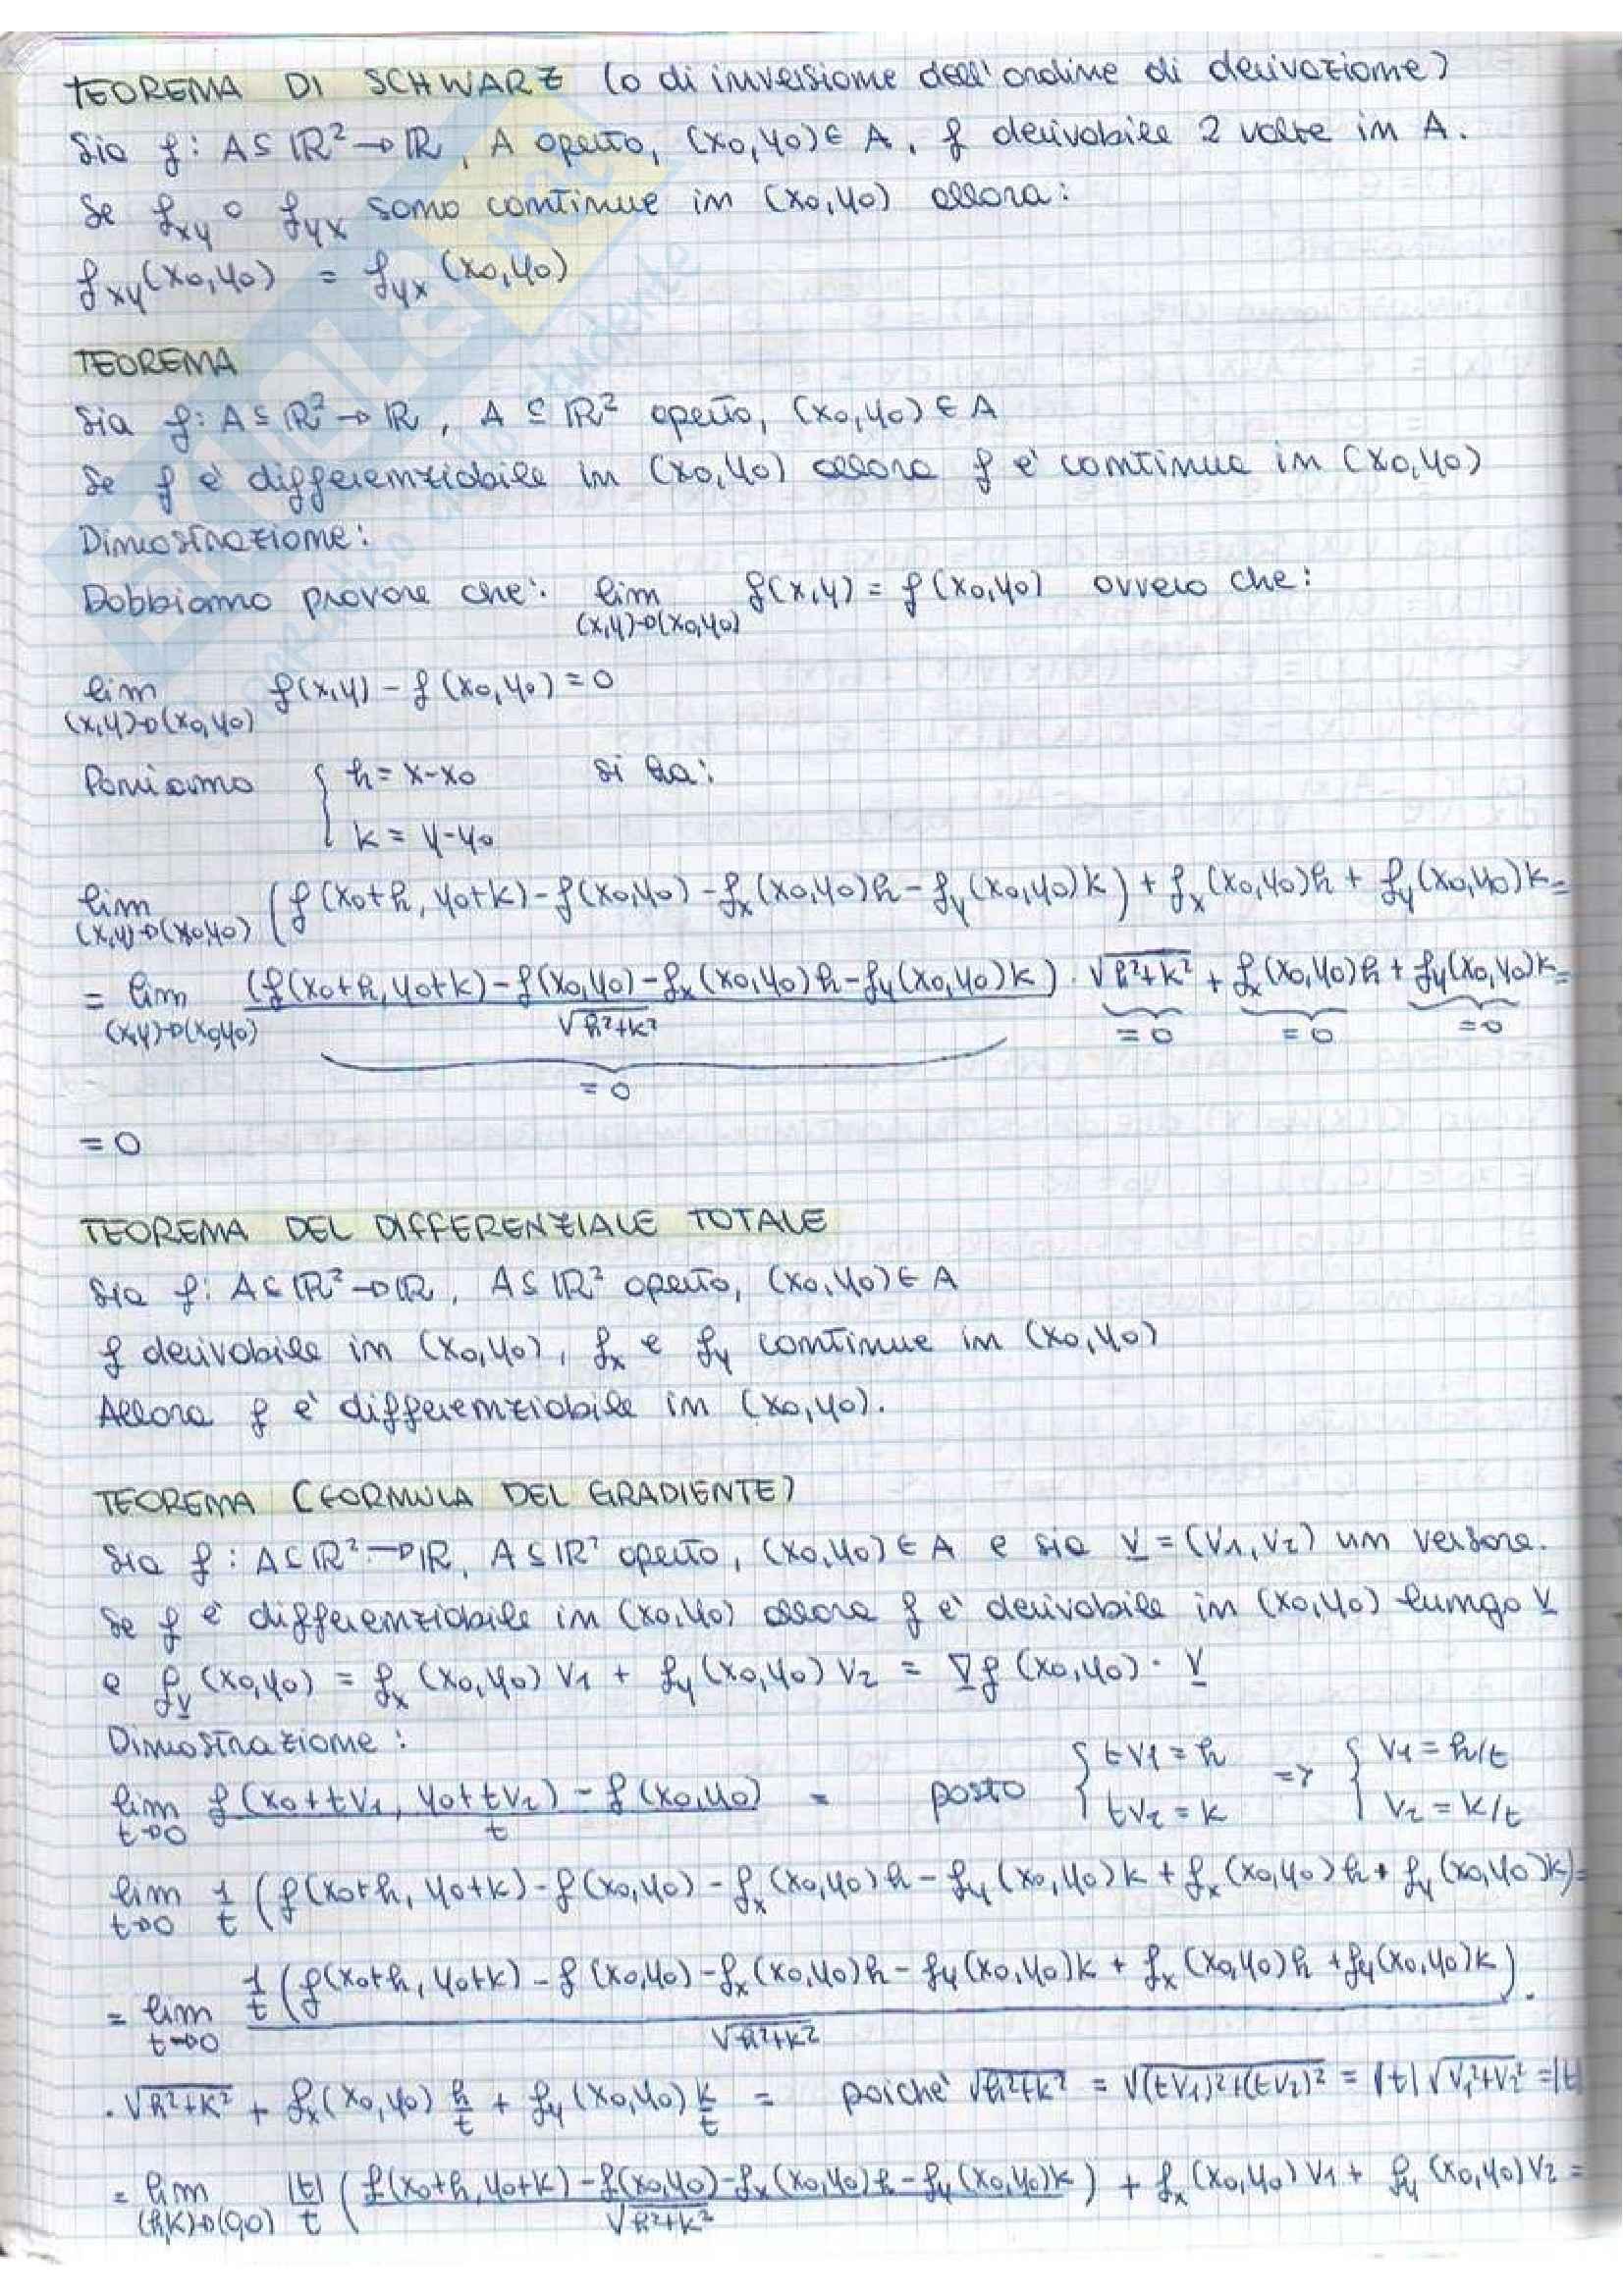 Analisi matematica II - teoremi e dimostrazioni Pag. 2